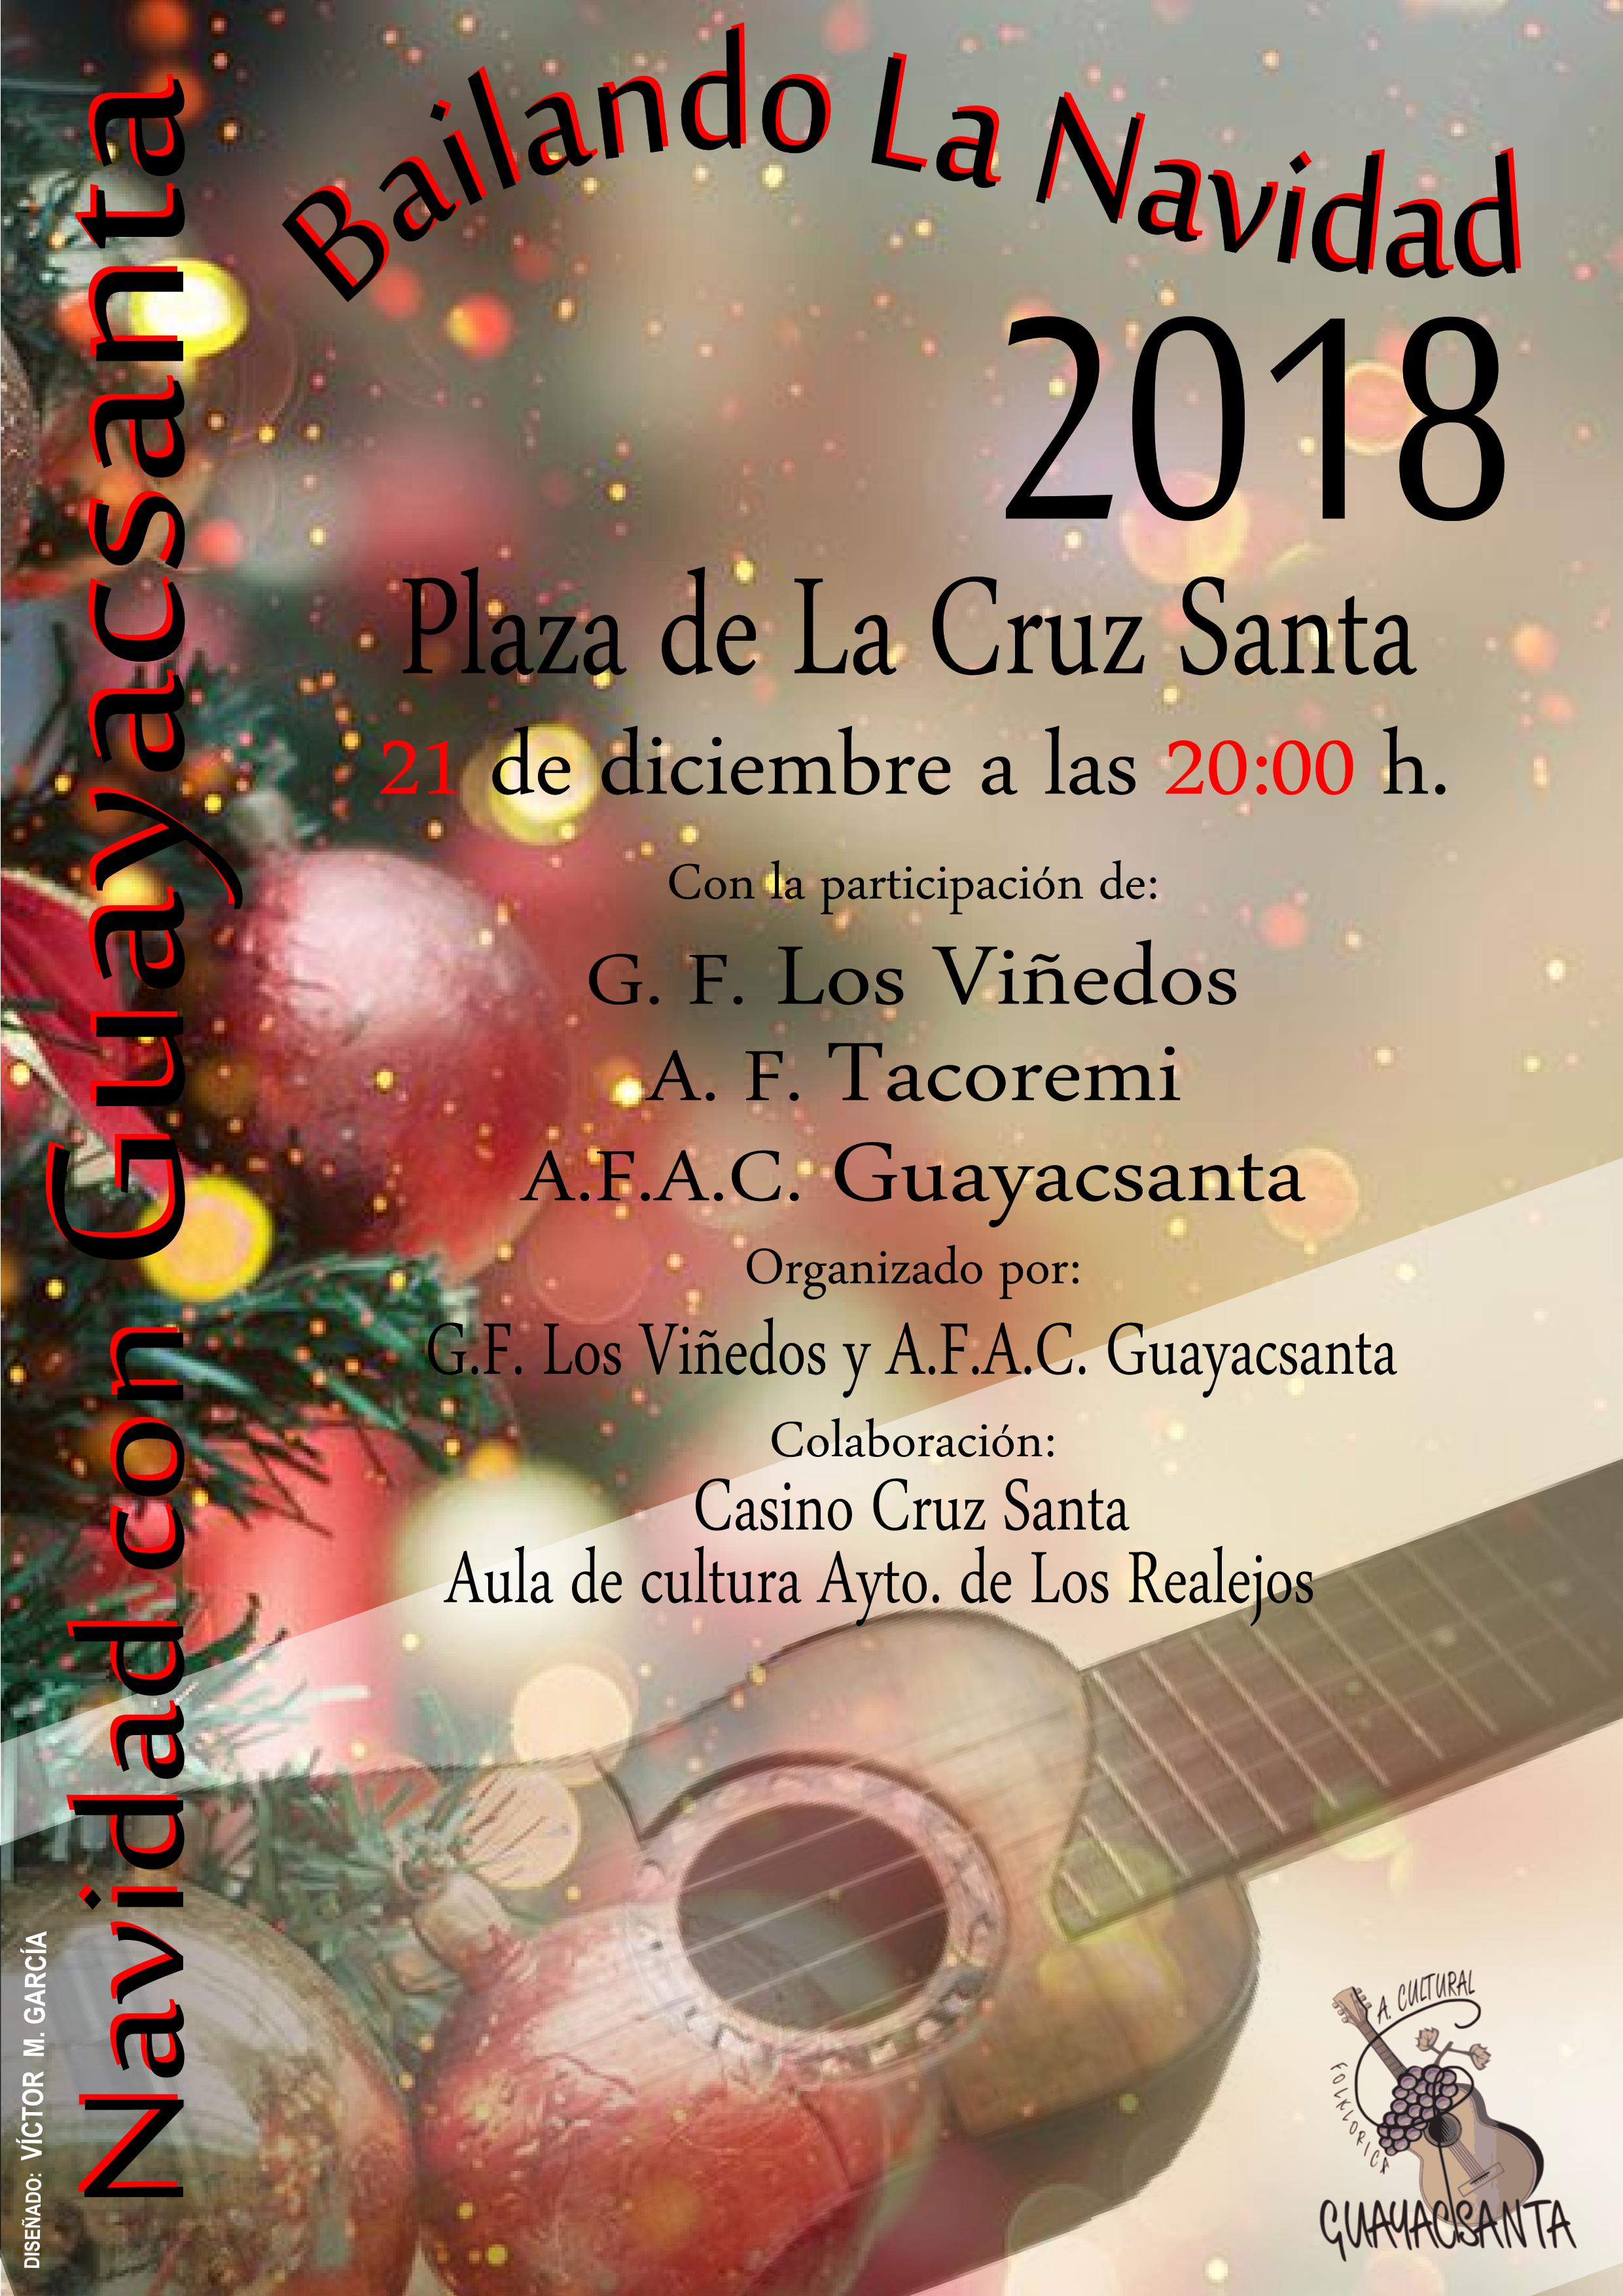 http://www.guayacsanta.com/wp-content/uploads/2018/12/FESTIVAL-DE-NAVIDAD-2018_2-GUAYACSANTA.png